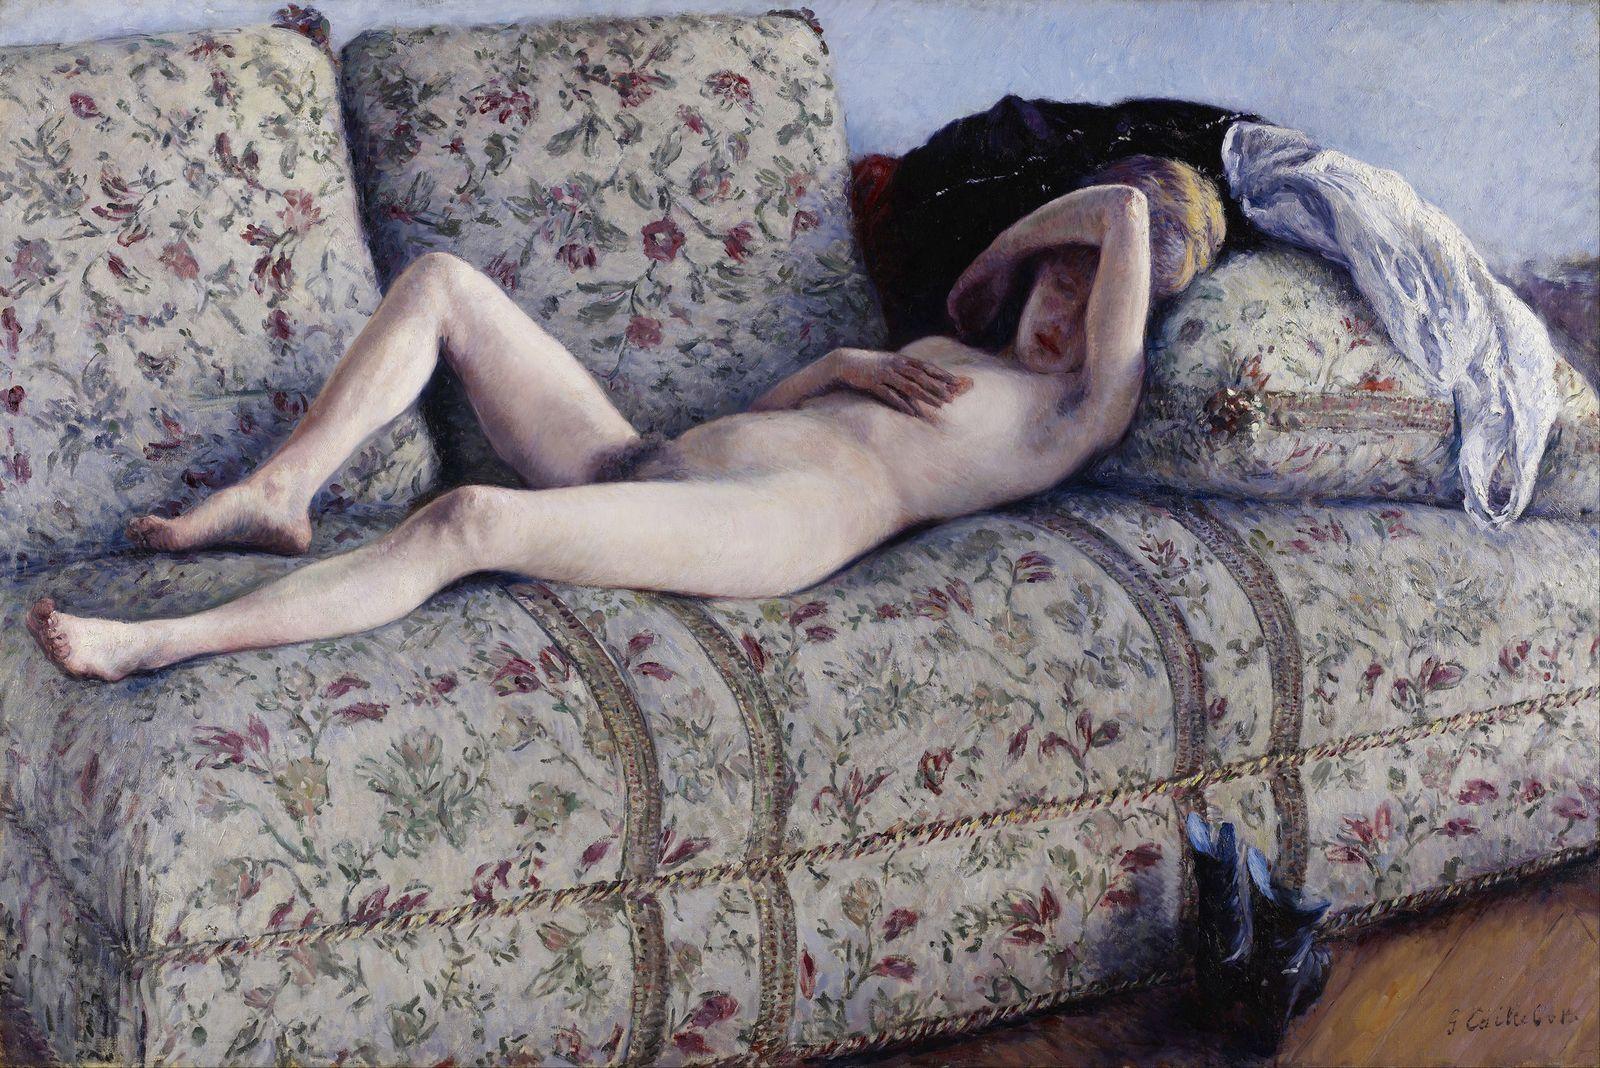 Гюстав Кайботт «Обнаженная на диване» (1880 129.5 x 195.5 см) Институт искусств Миннеаполиса, Миннеаполис